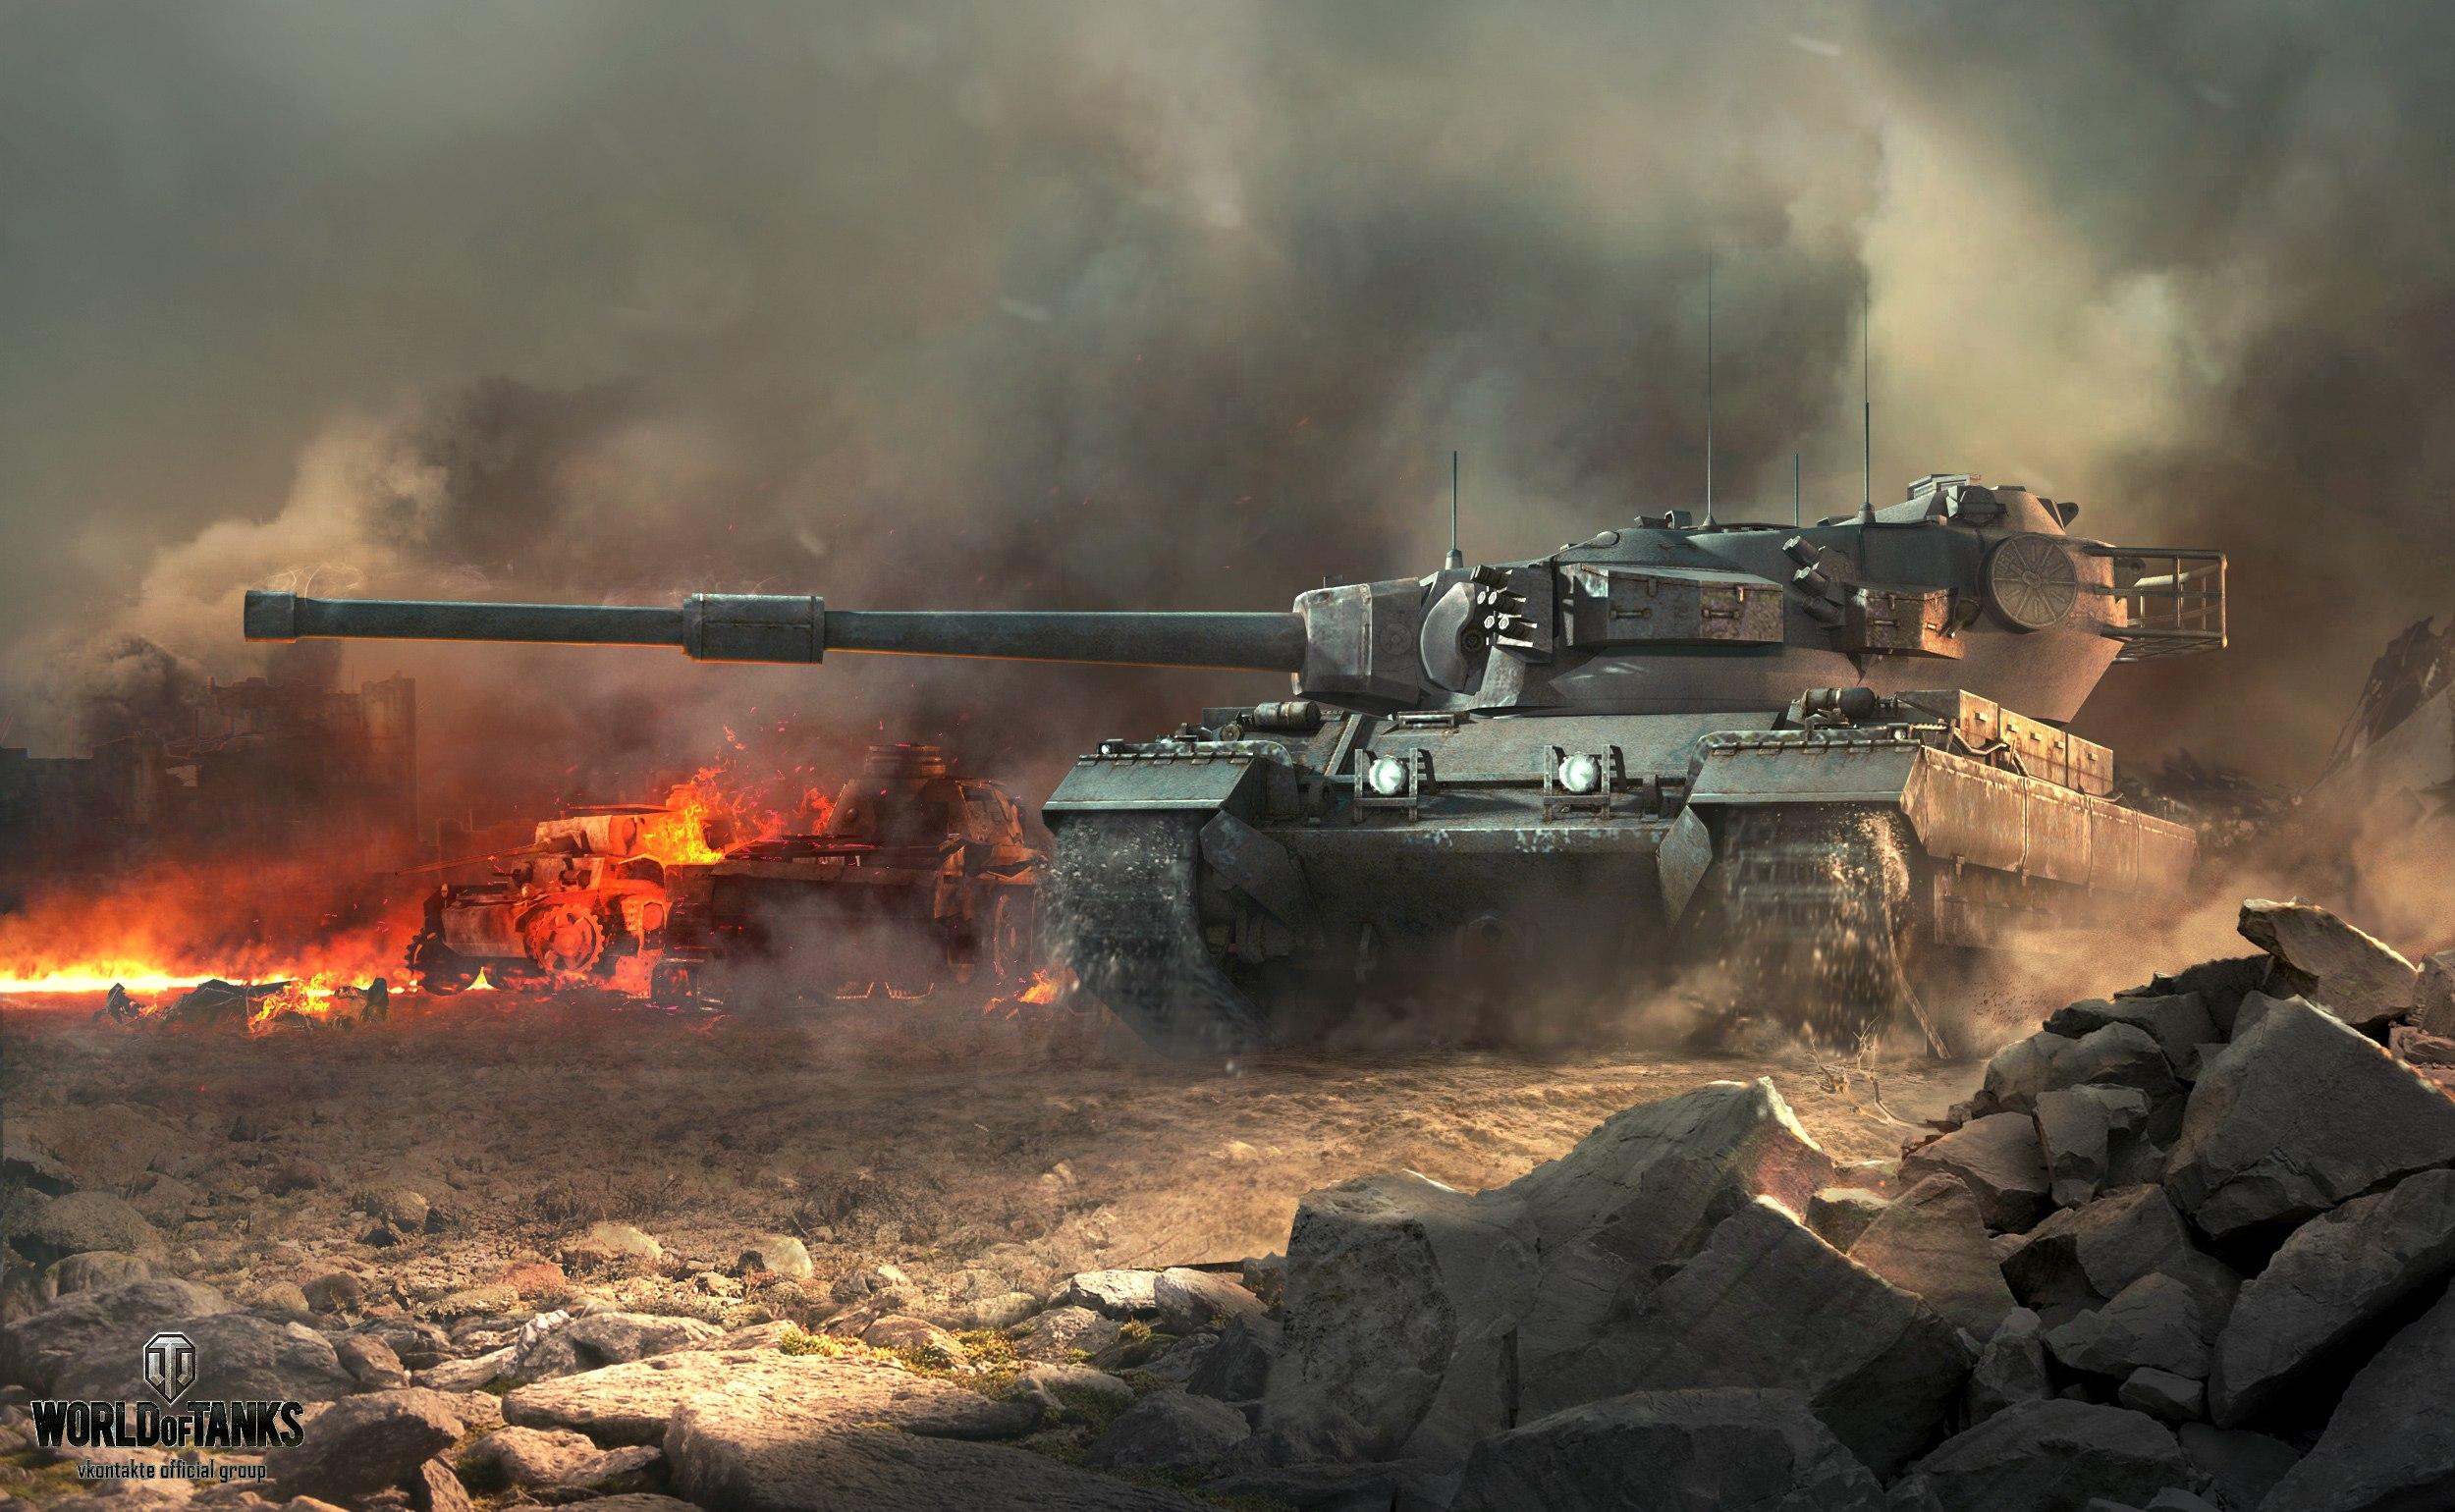 T_IHa2dWJVk.jpg - World of Tanks